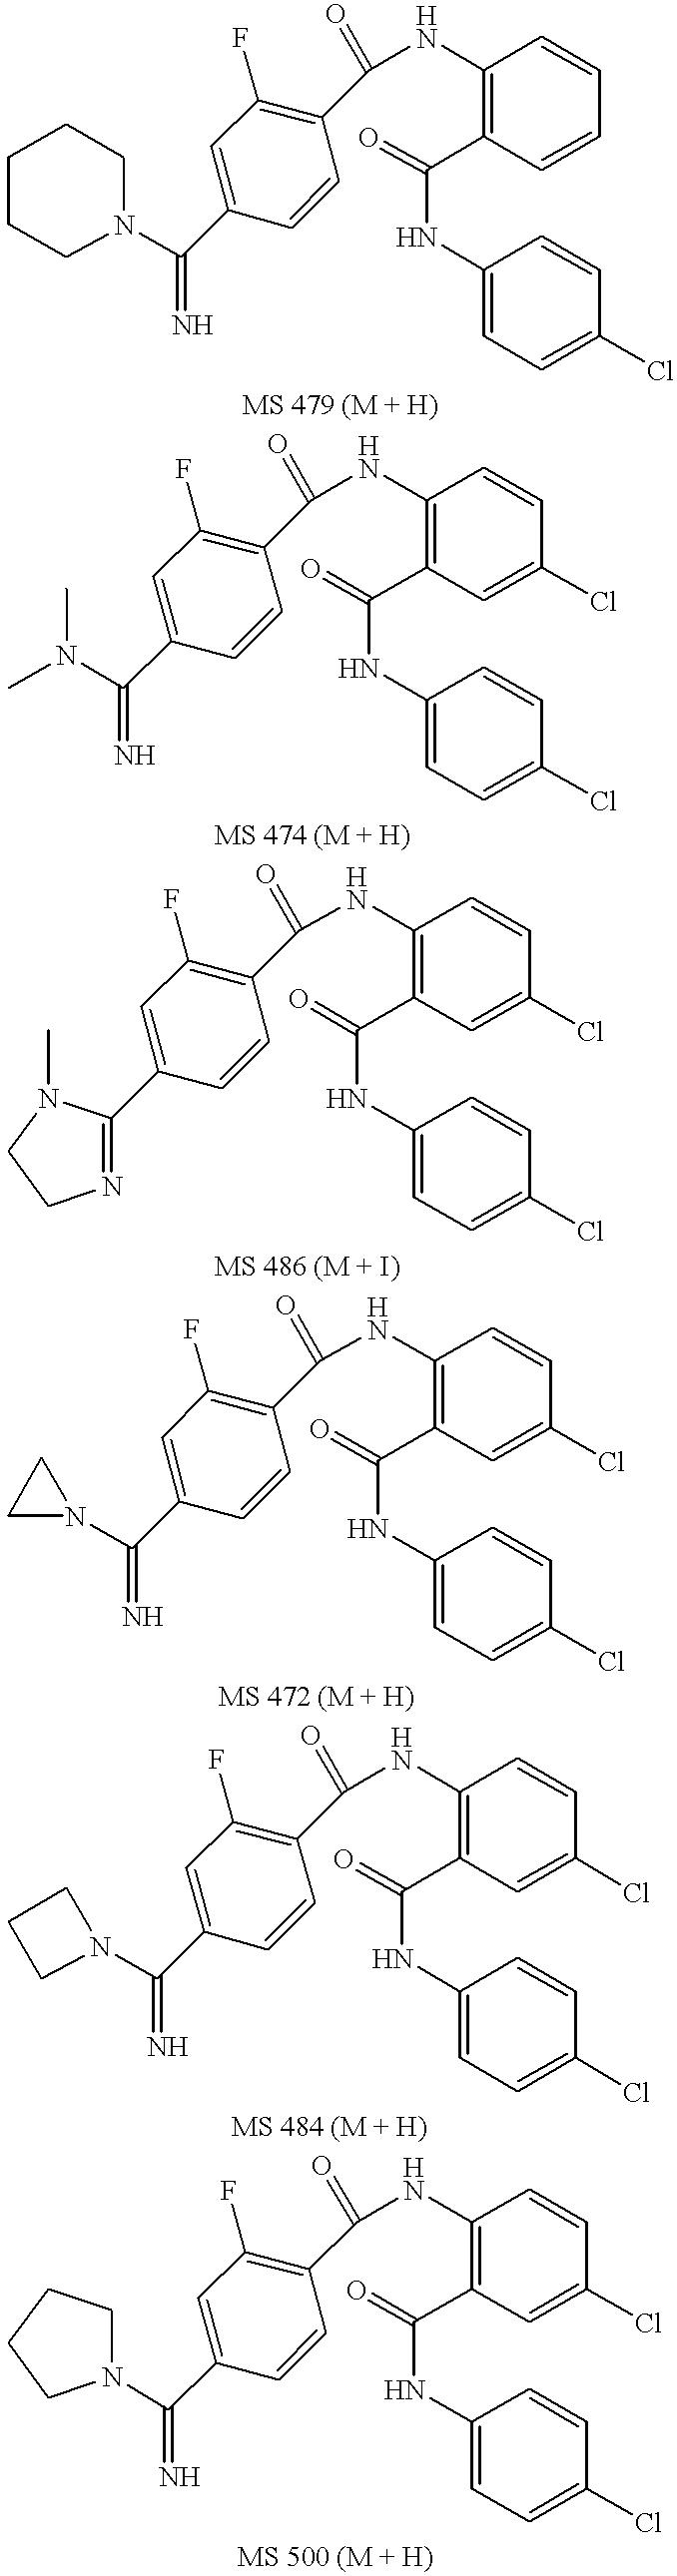 Figure US06376515-20020423-C00484